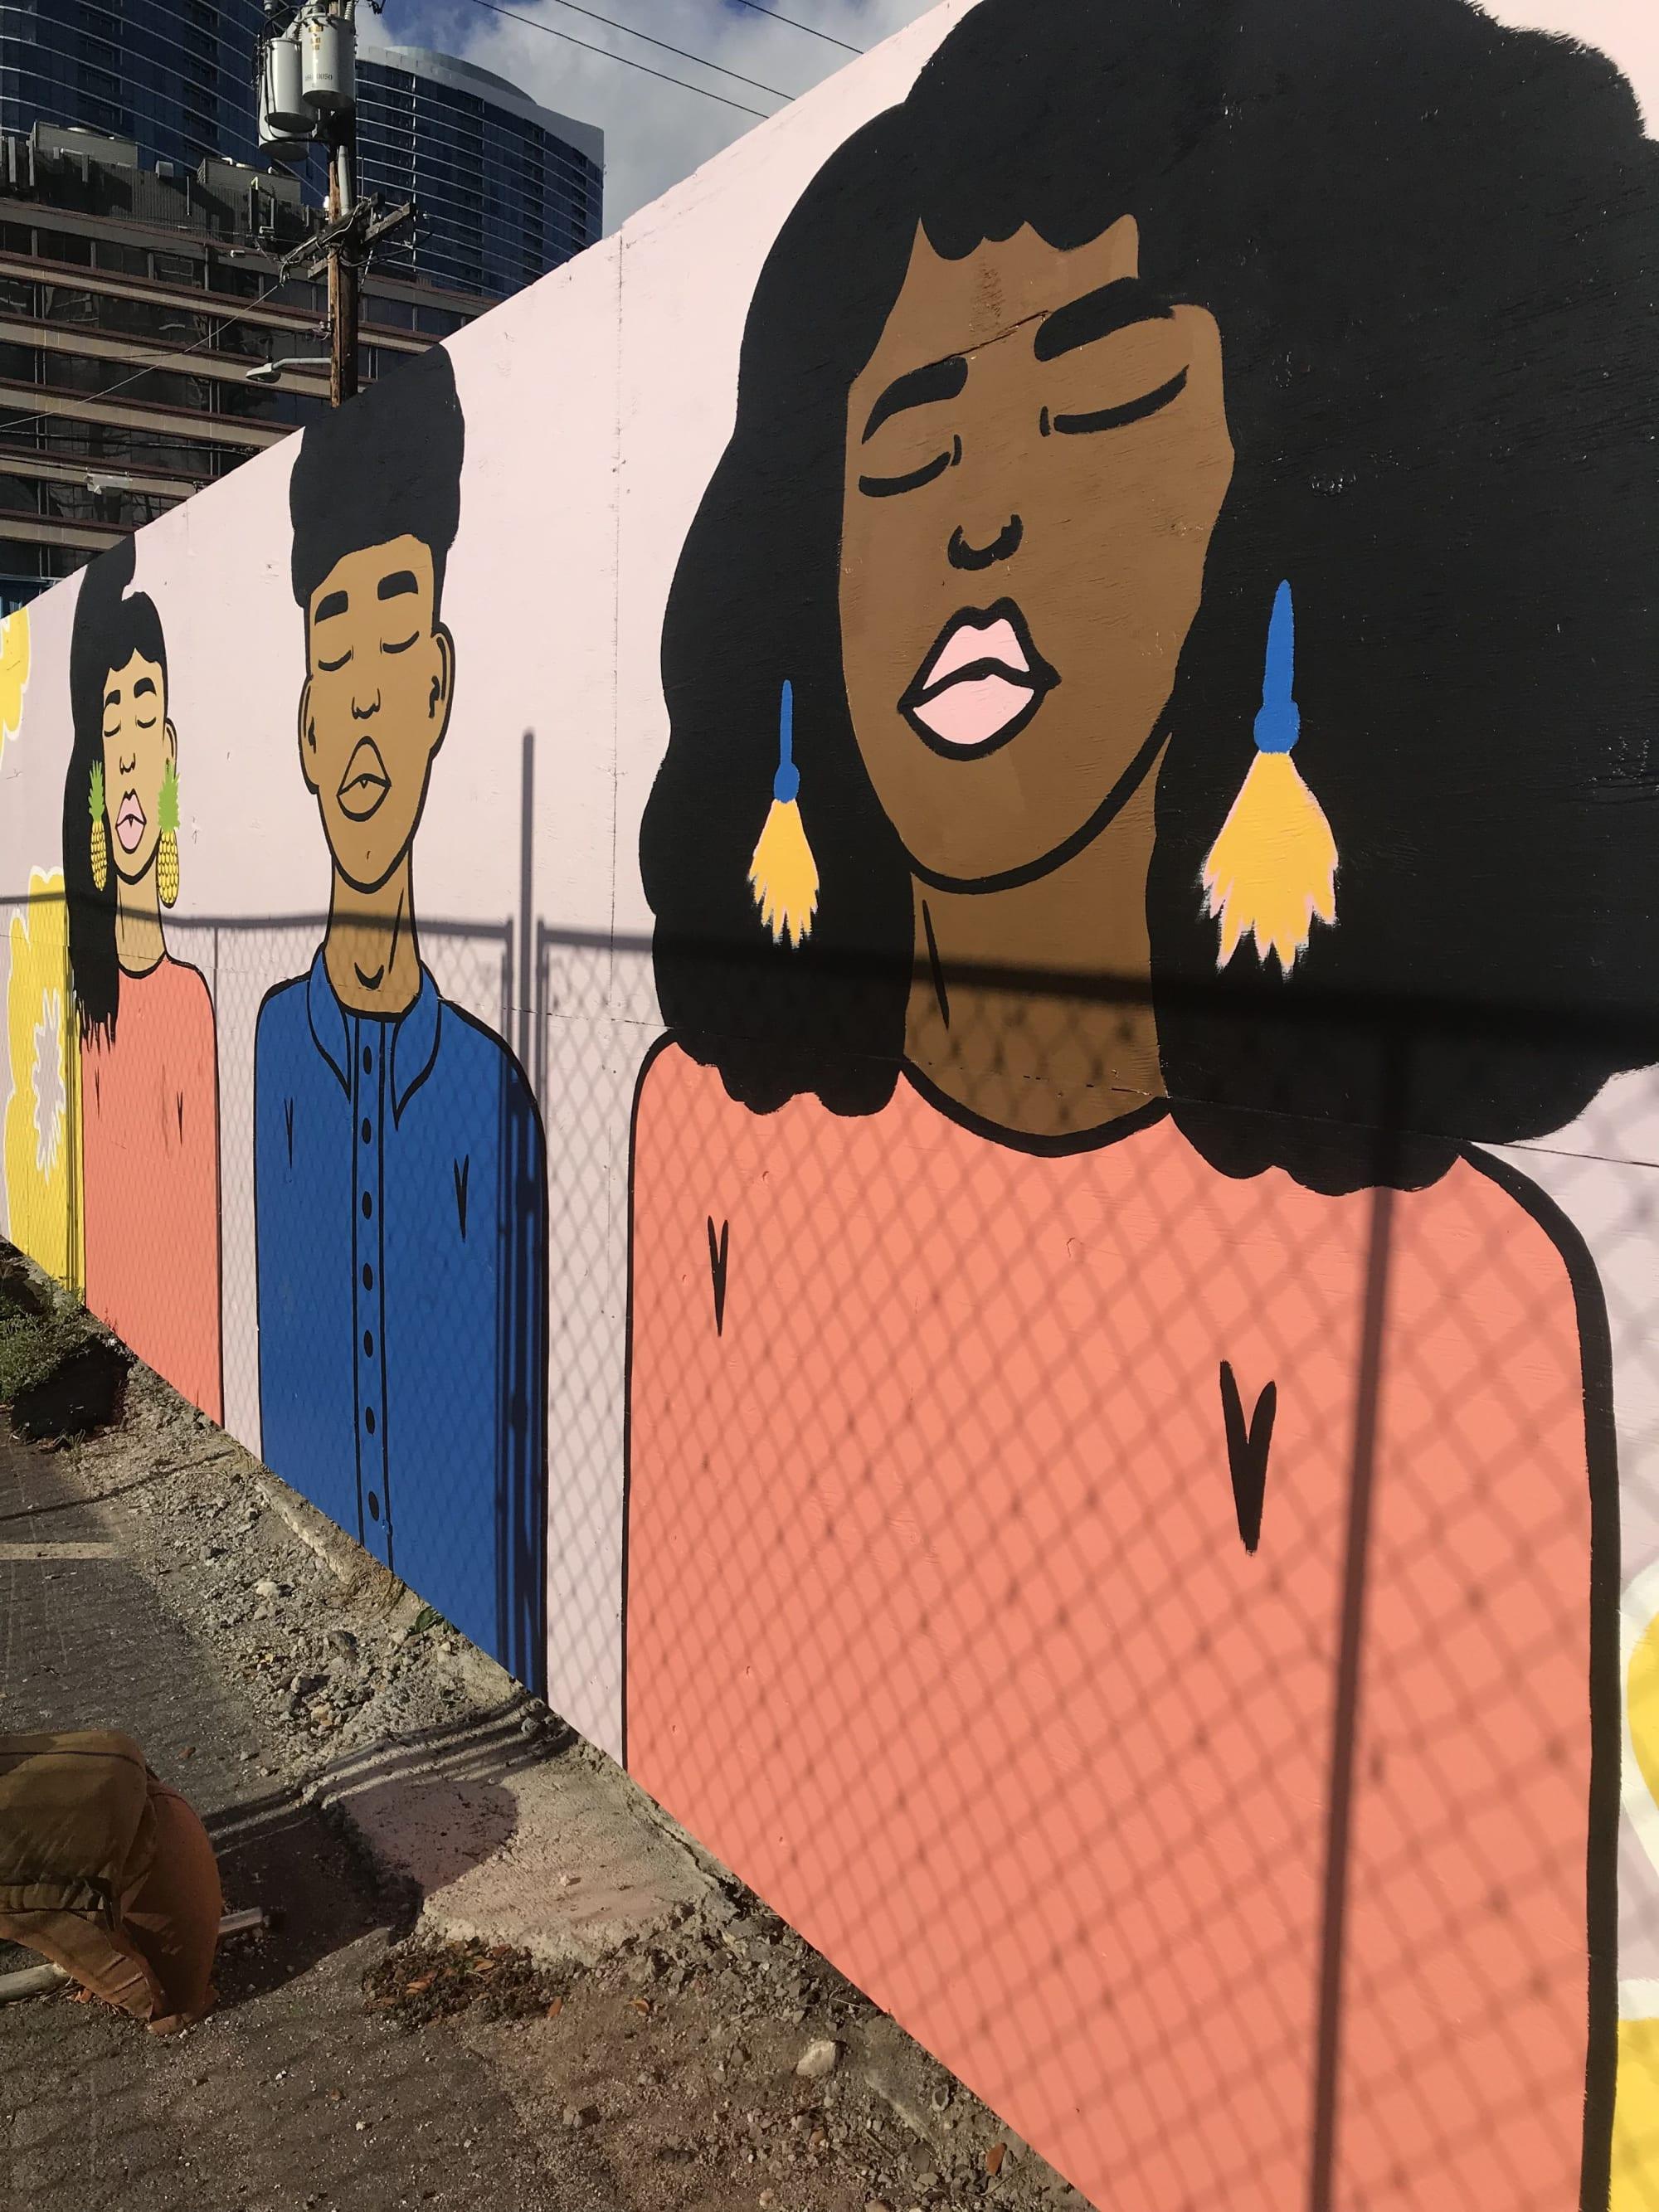 Girl with tassel earrings mural